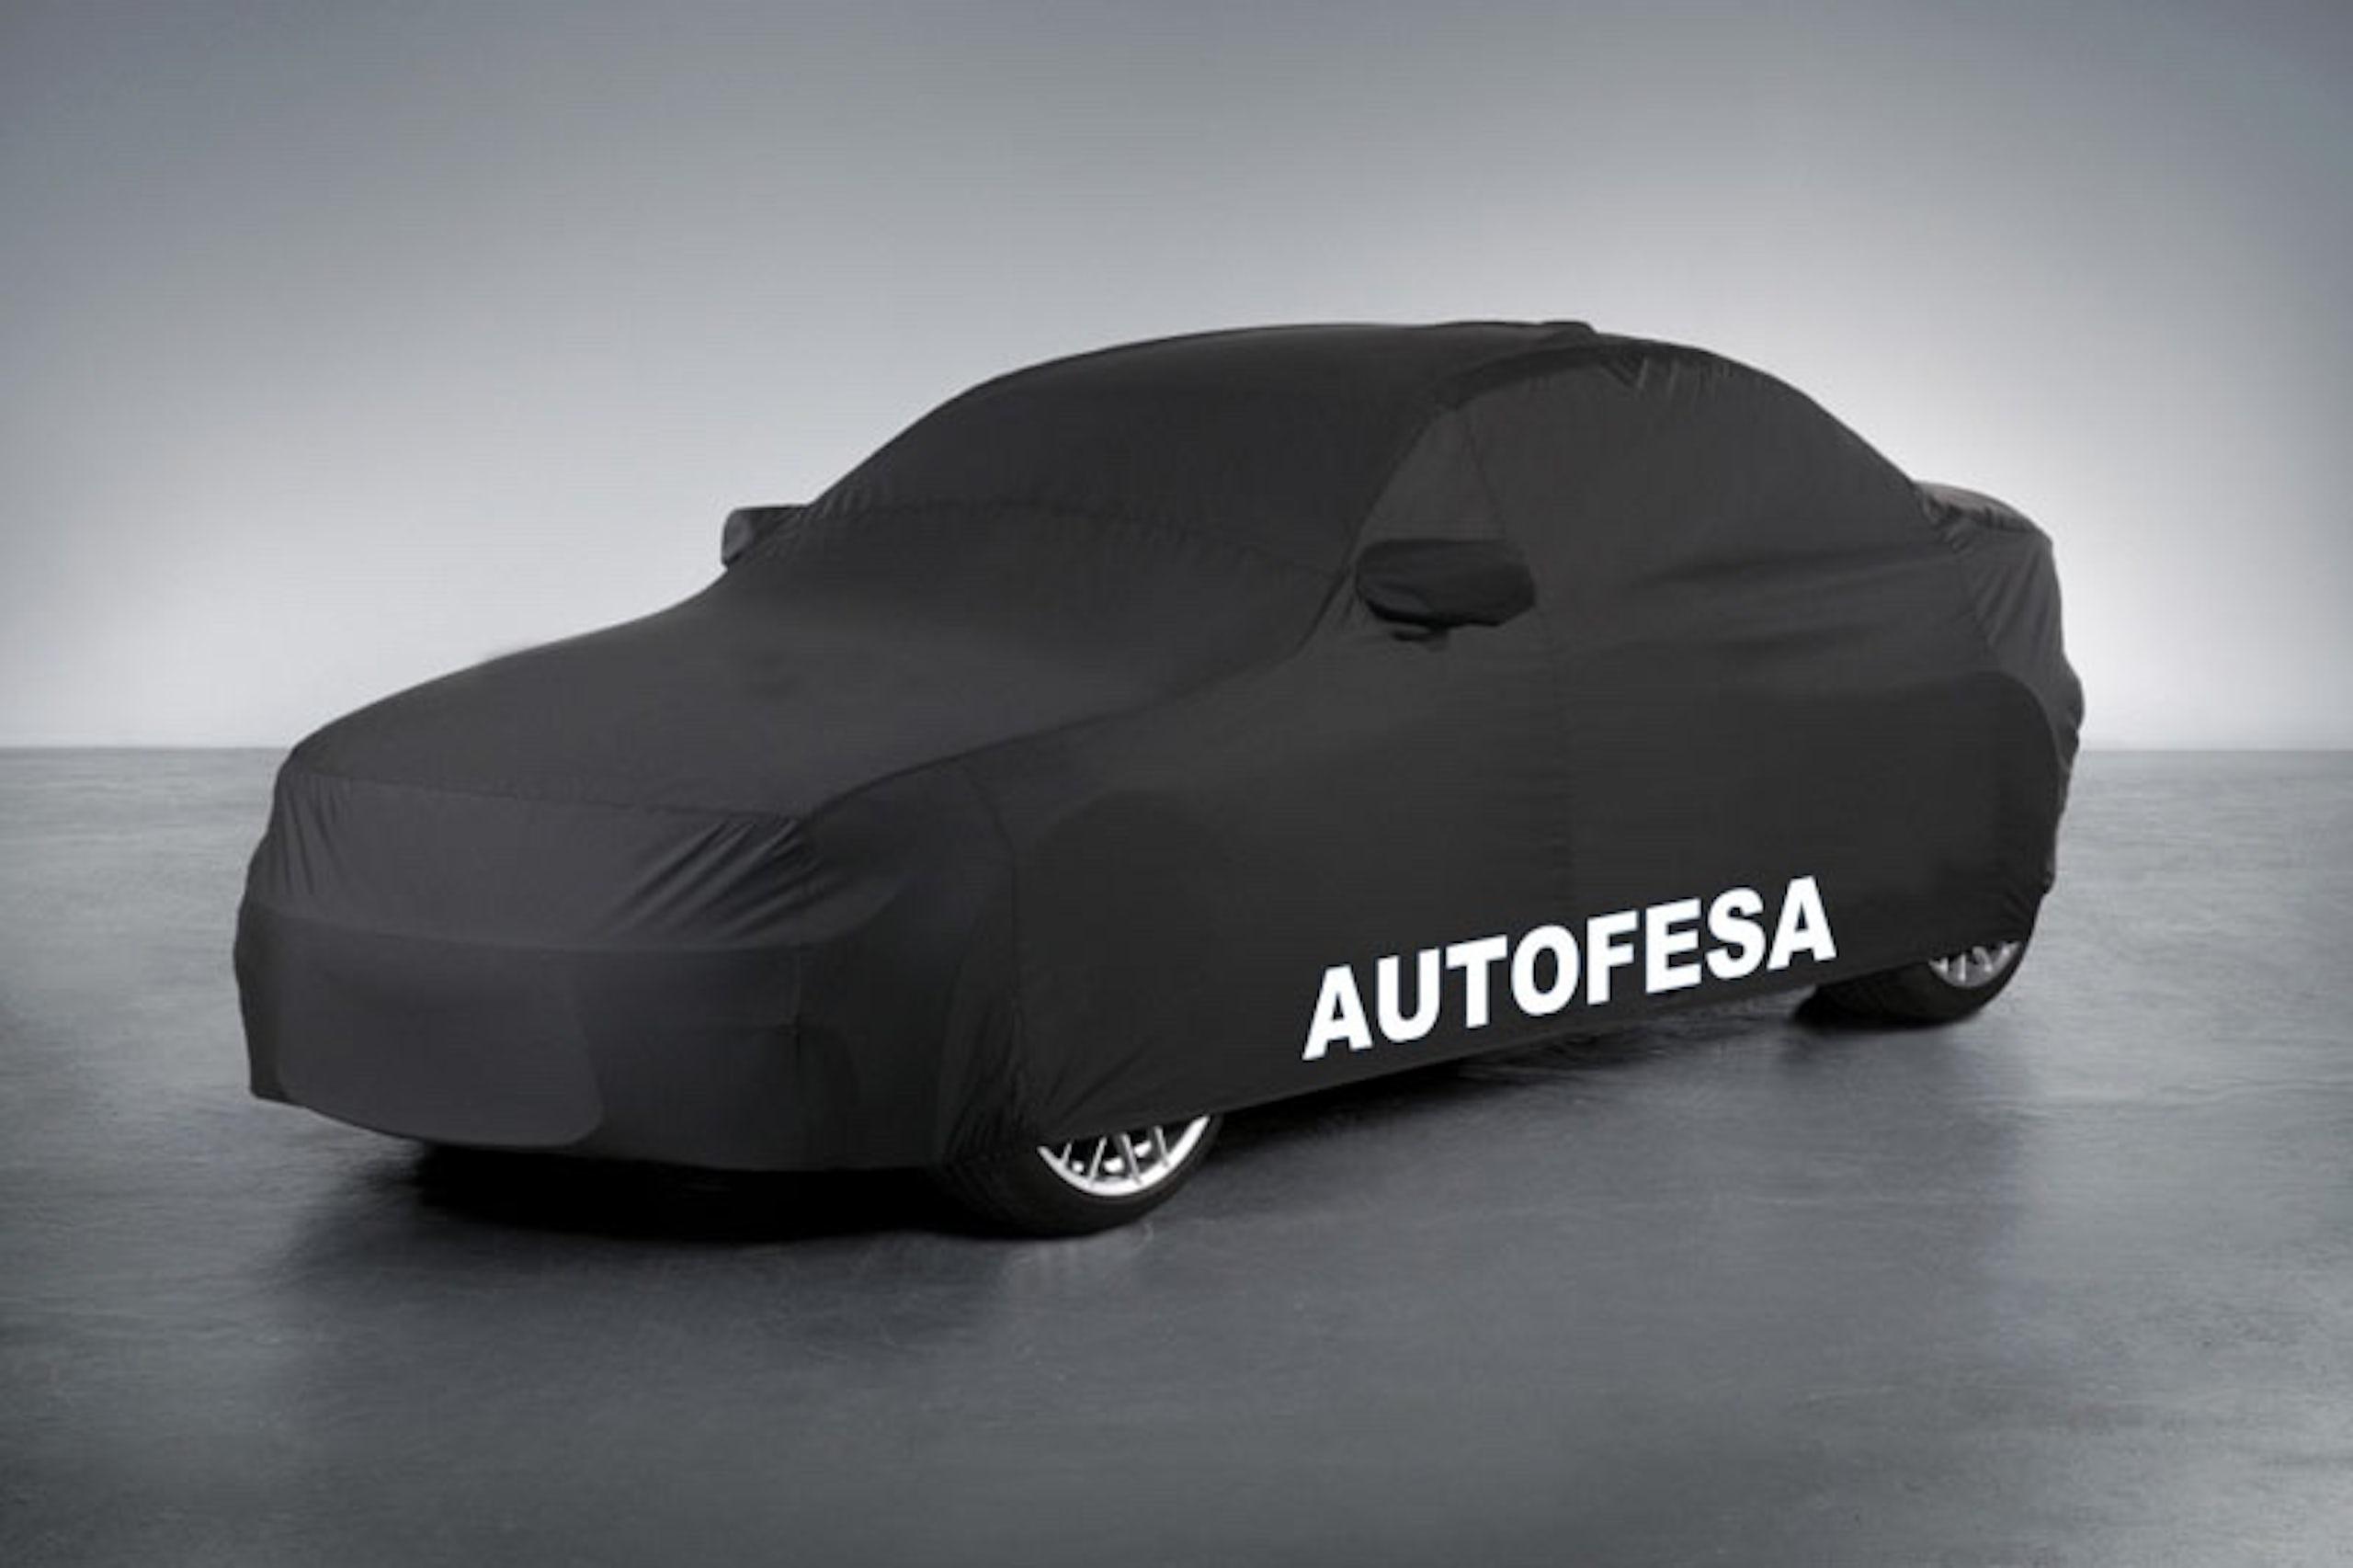 Audi A4 Avant 2.0 TDI 150cv Auto 5p S/S - Foto 34